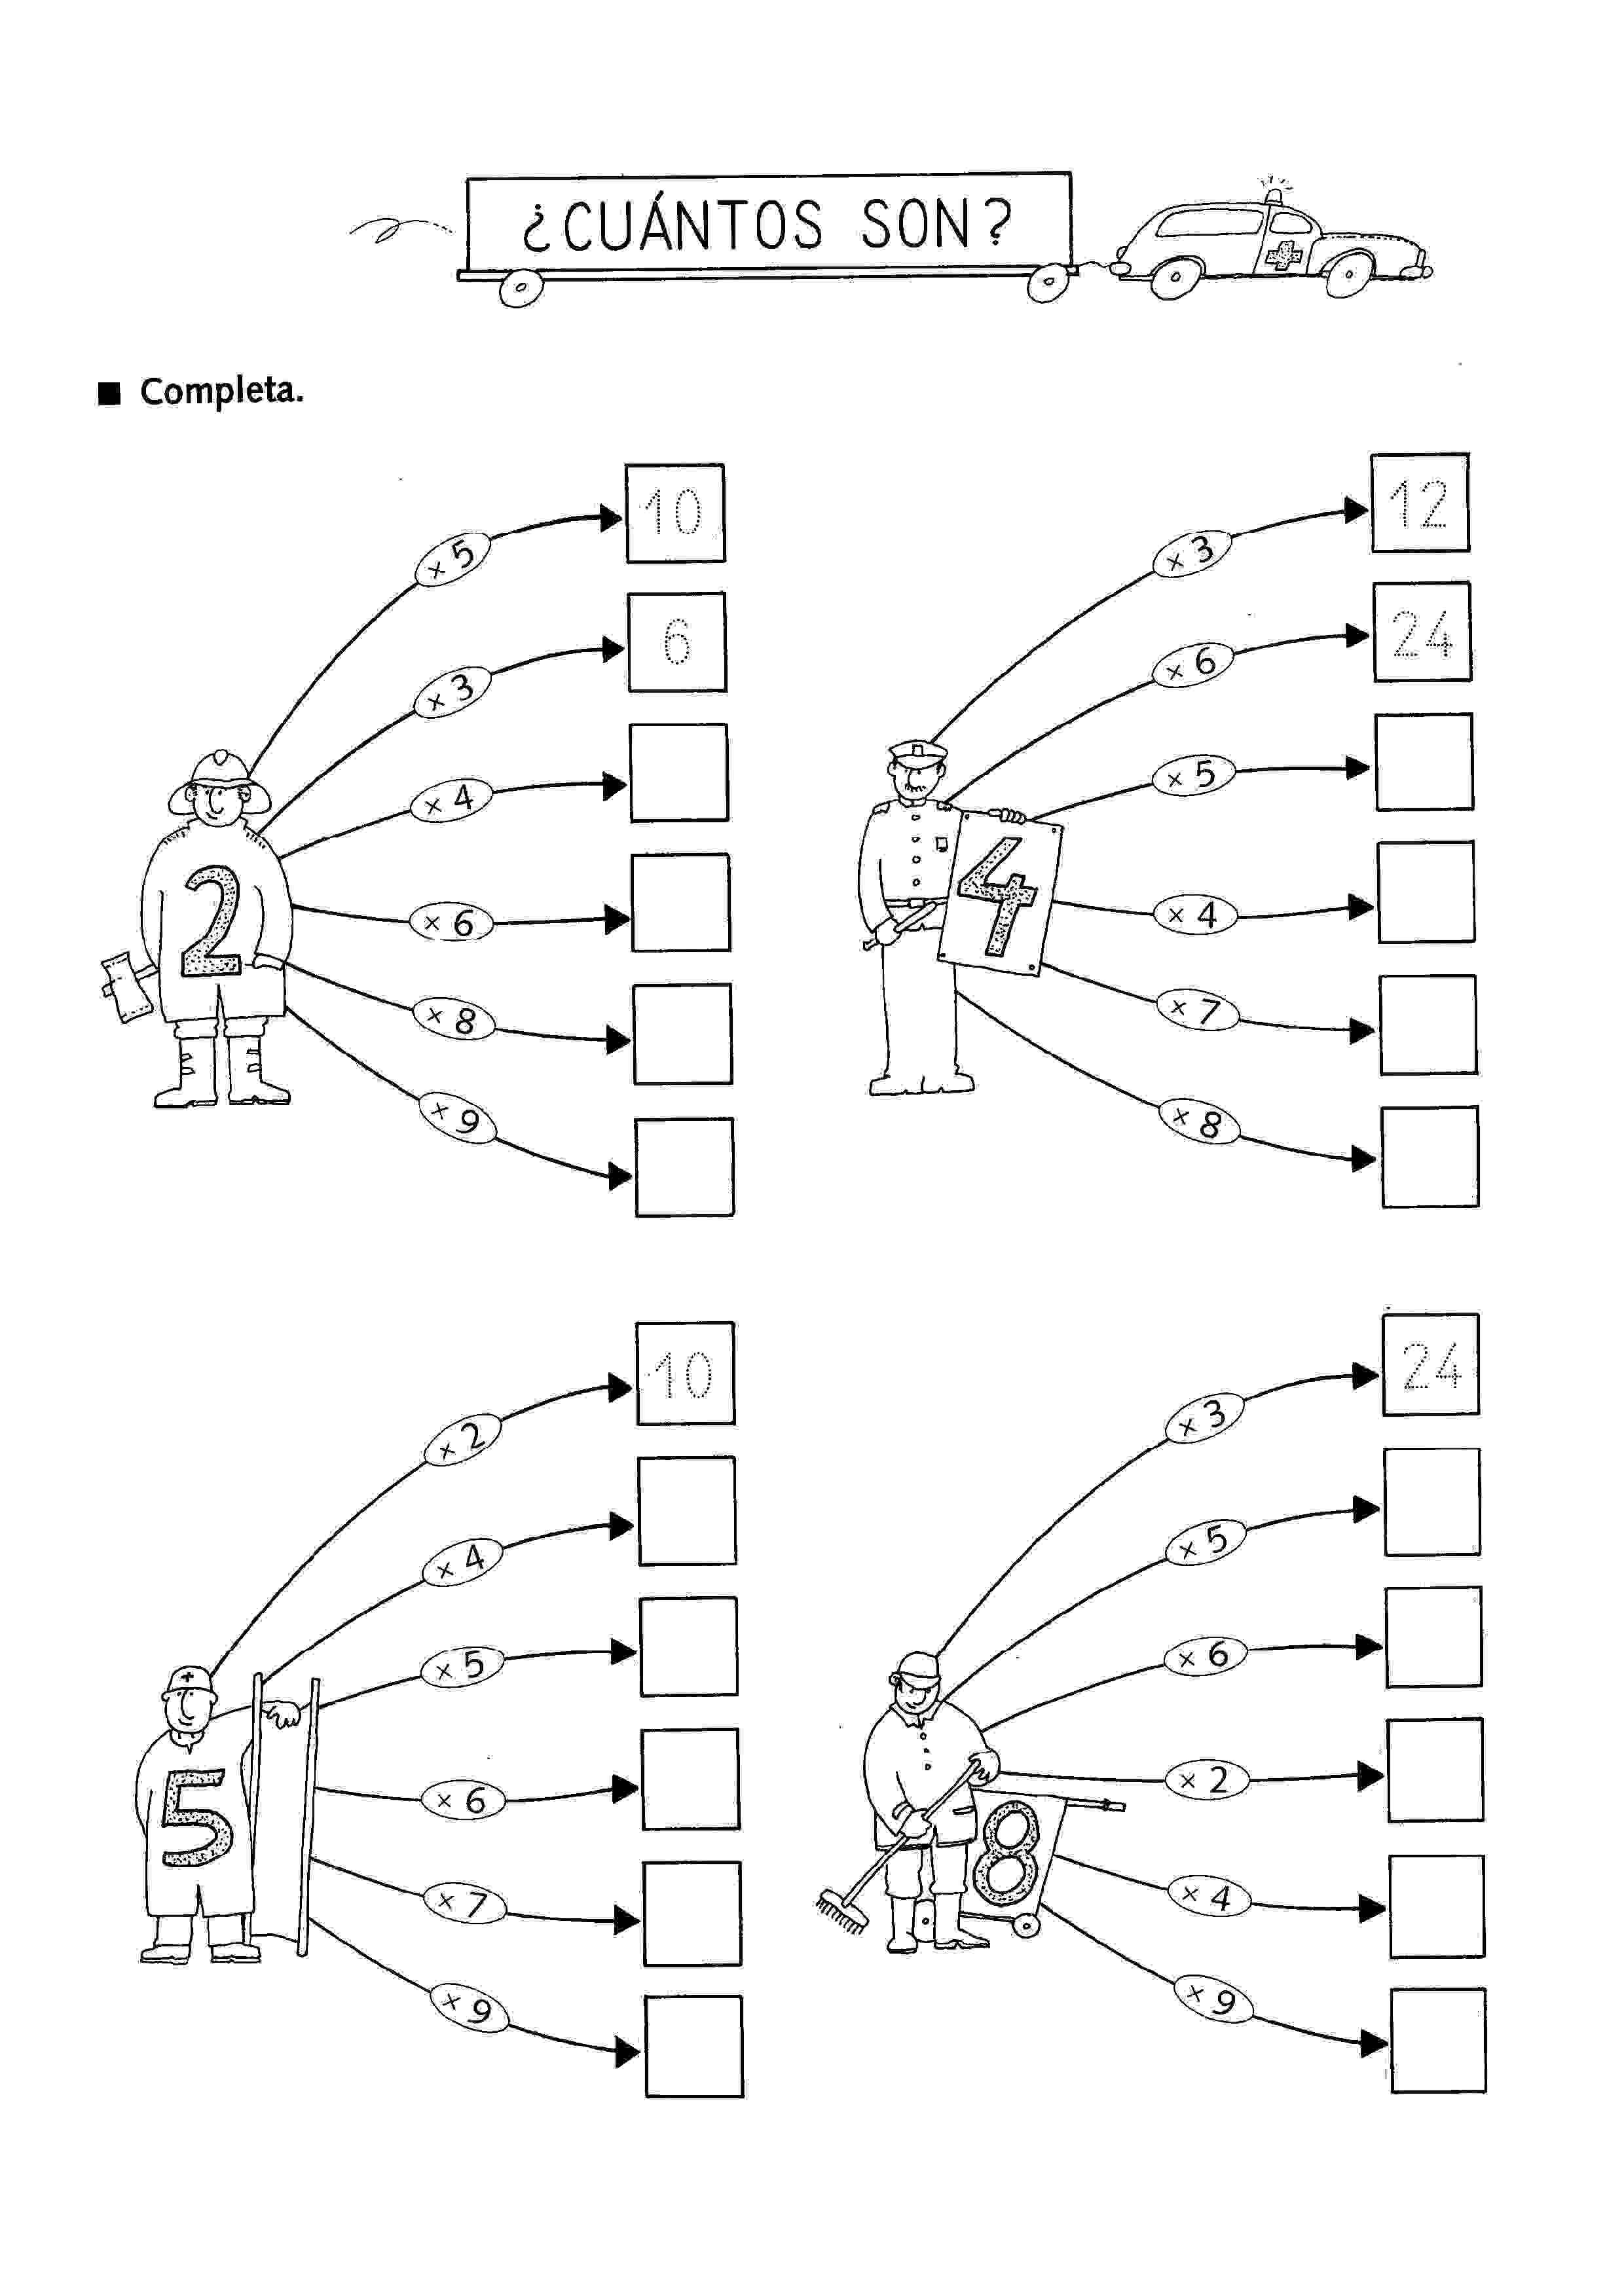 actividades para nios preescolar primaria e inicial fichas con divertidas para imprimir para